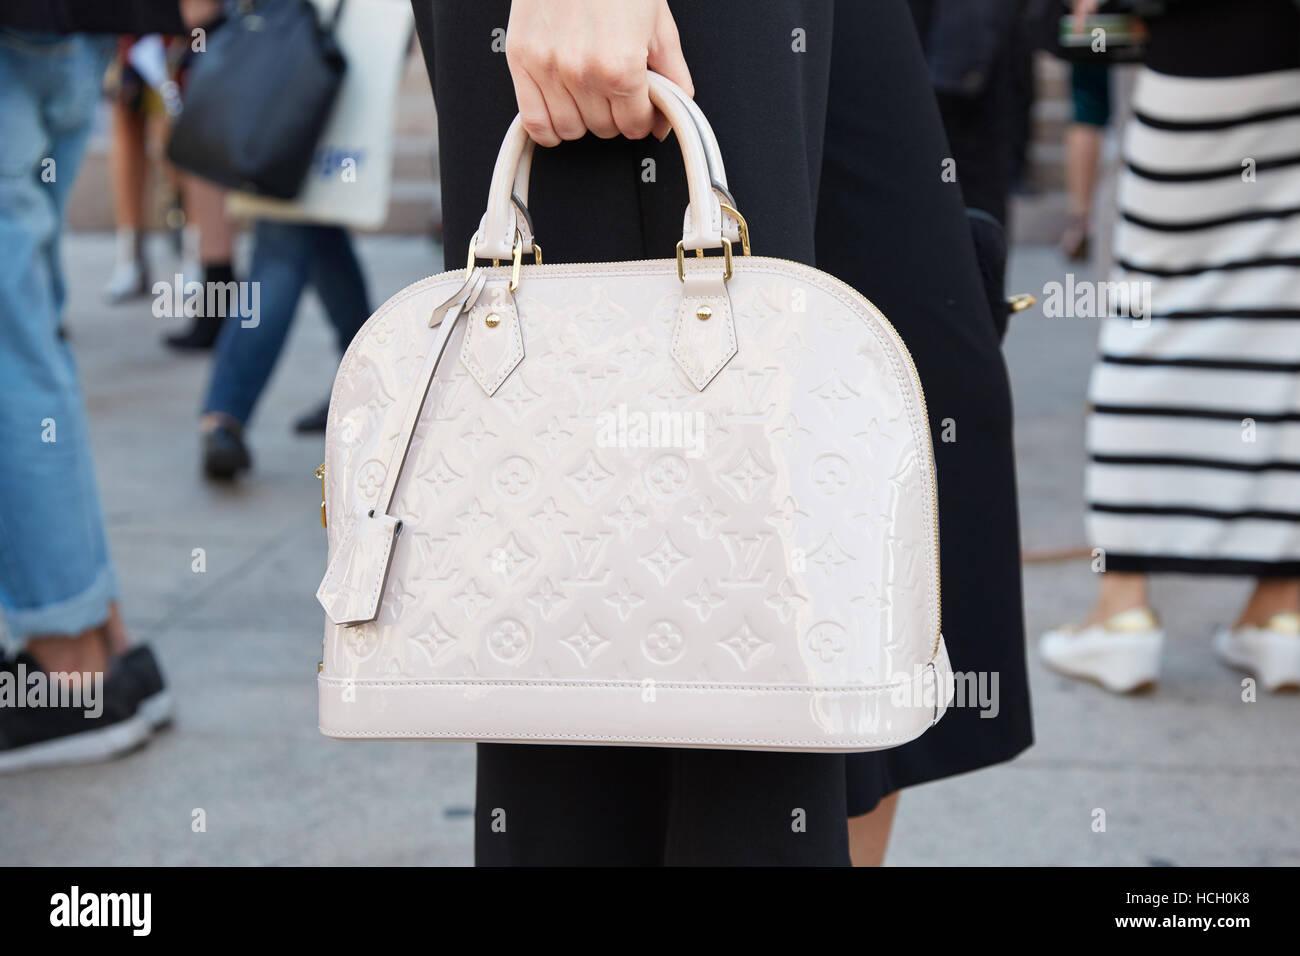 35ac55b15be55 Frau mit weißen Louis Vuitton Tasche vor Cristiano Burani Fashion Show